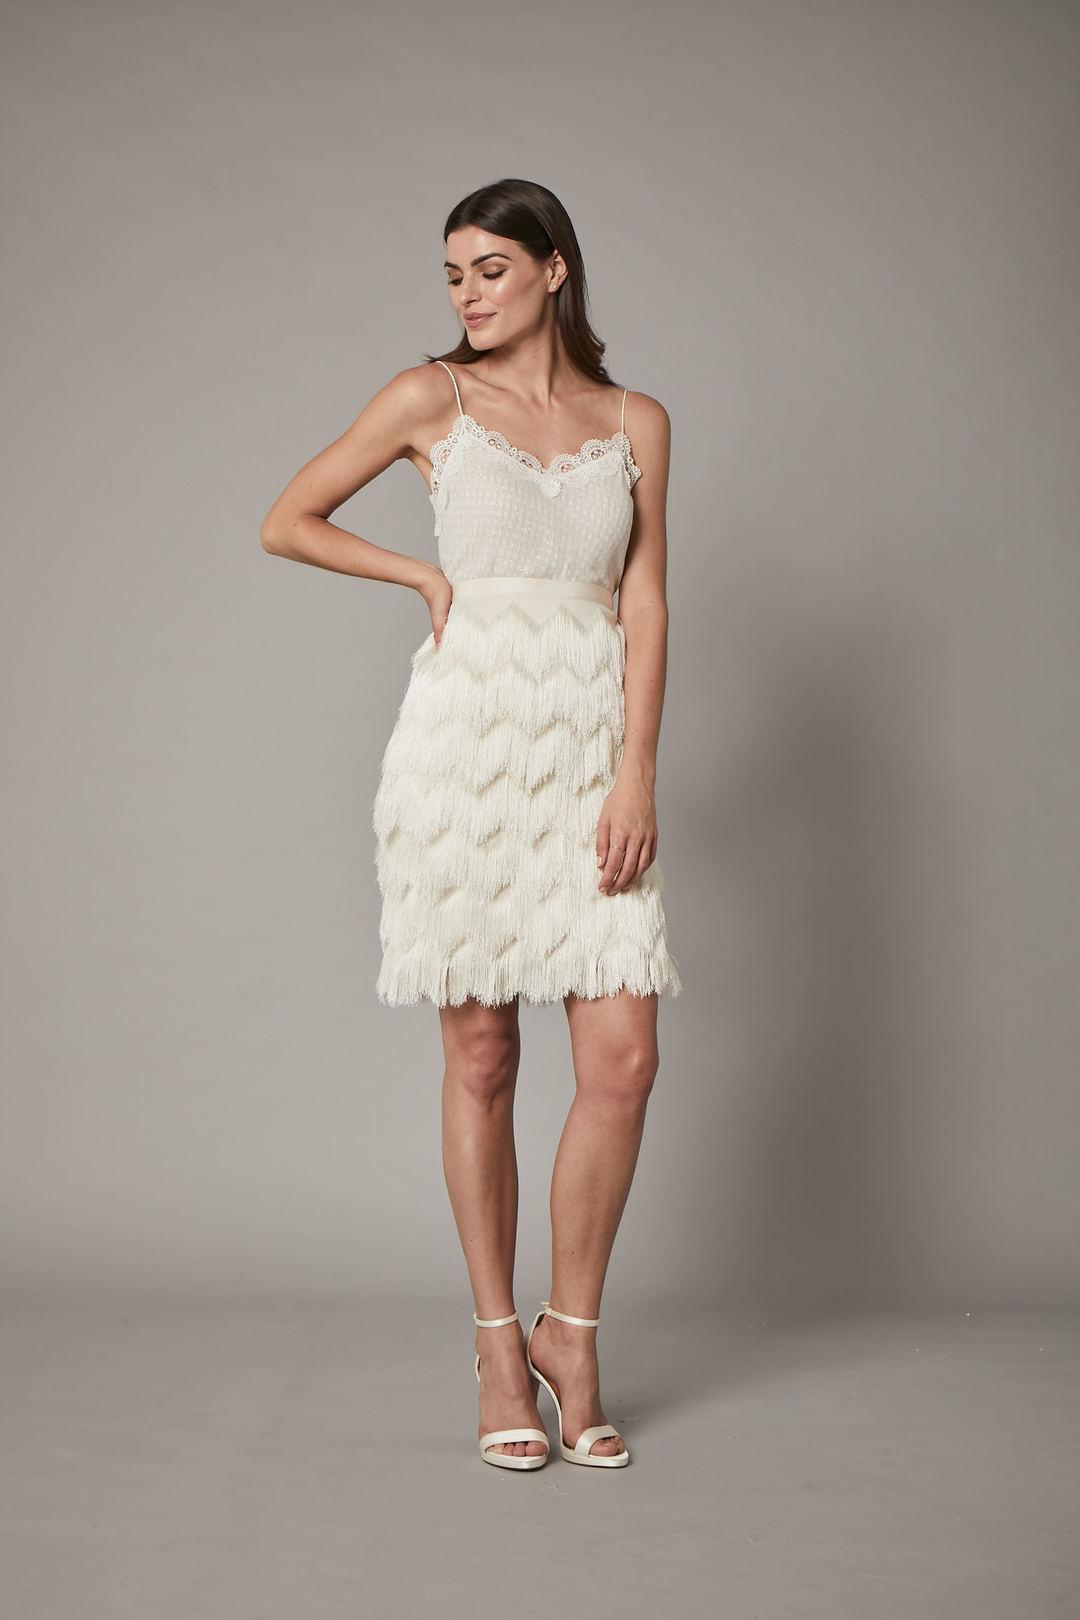 raya skirt dress photo